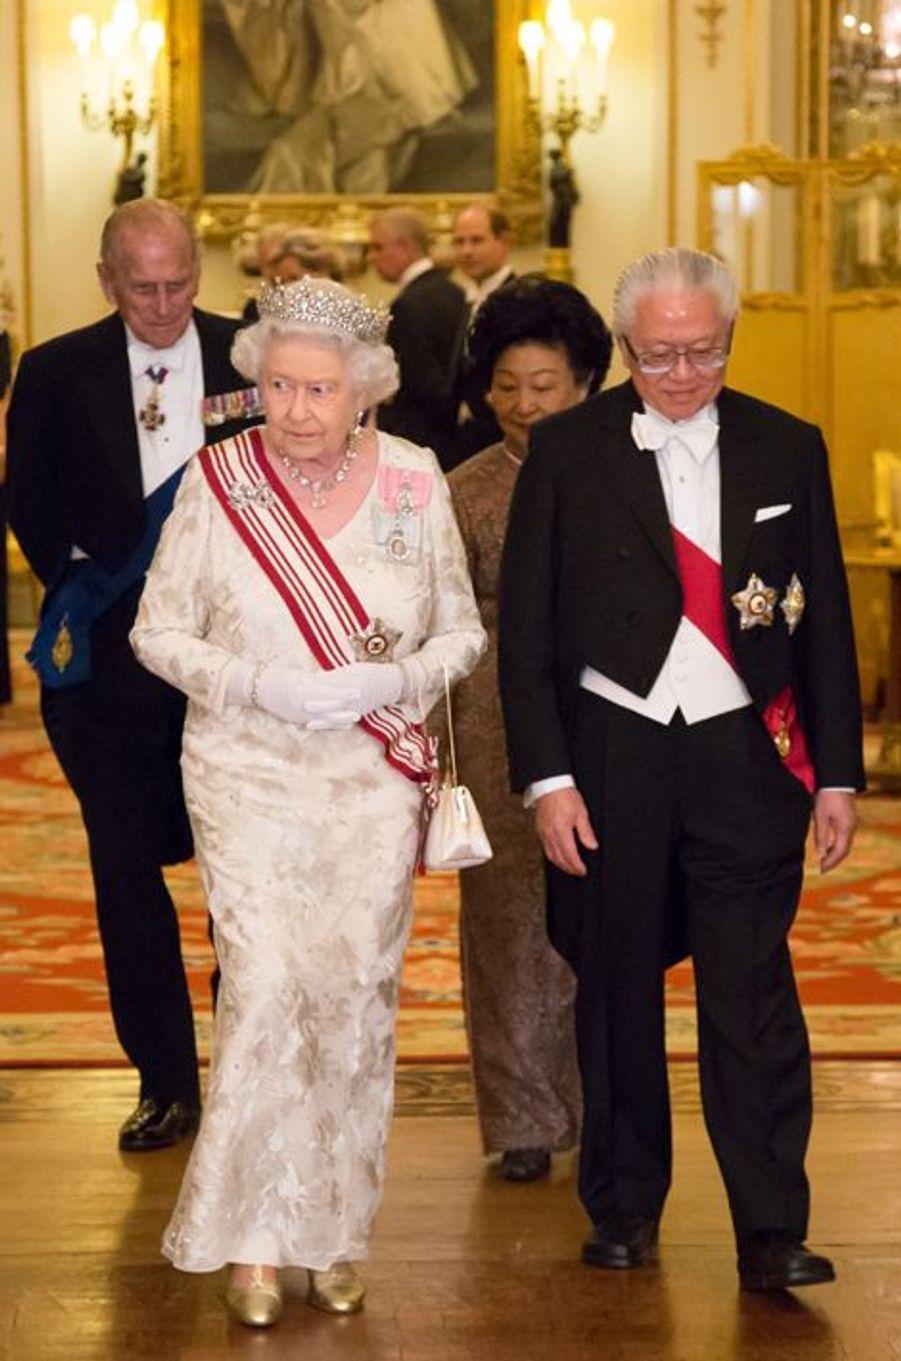 La reine Elizabeth II, son époux le duc d'Edimbourg, avec le président de la République de Singapour et sa femme à Londres le 21 octobre 2014